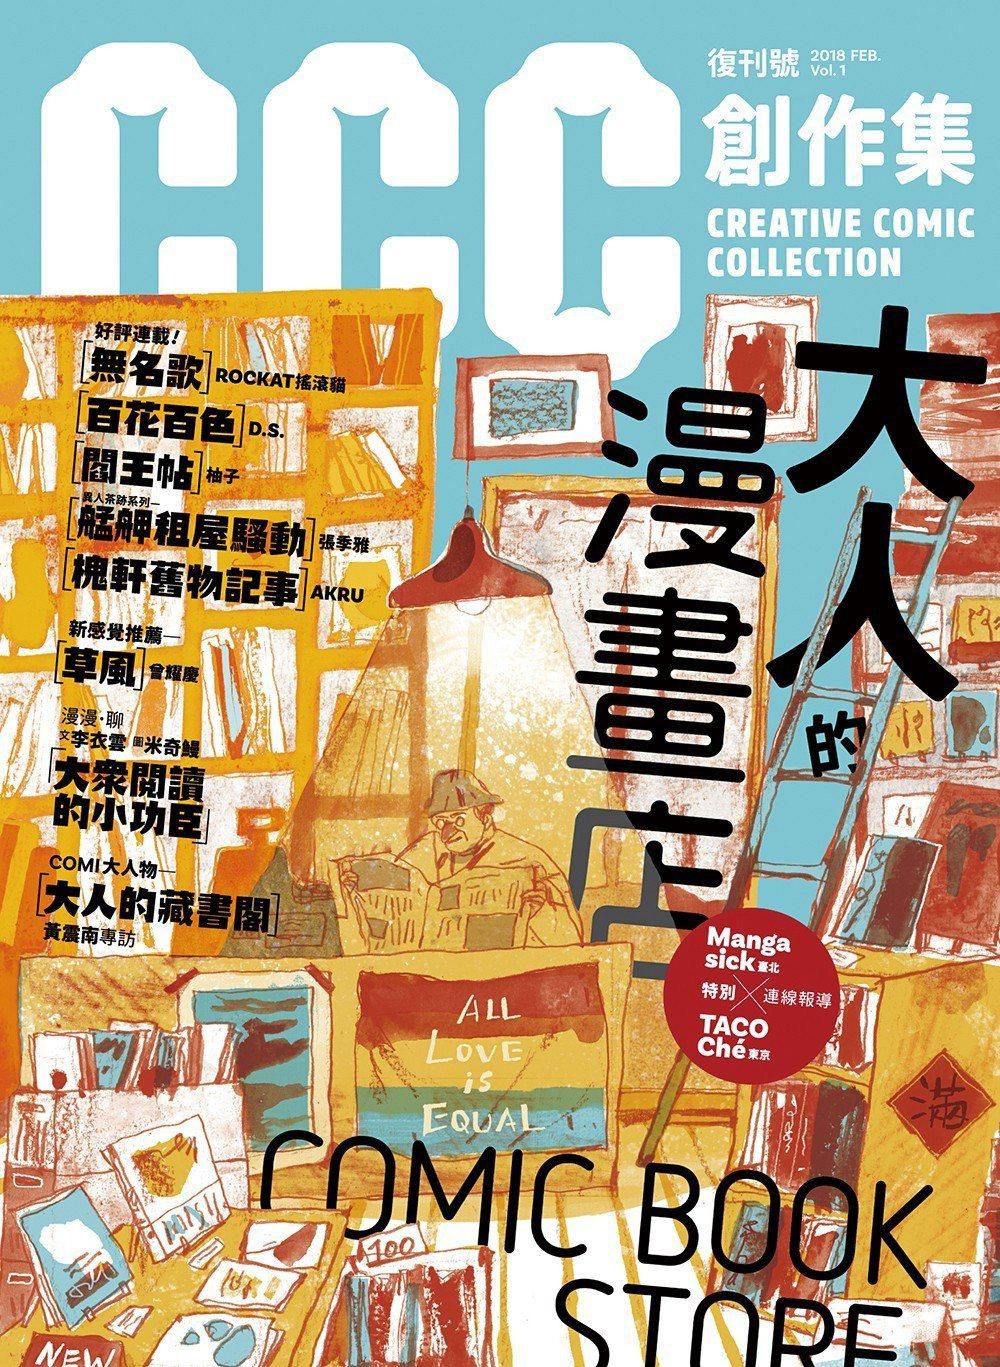 《CCC創作集》復刊號,以「大人的漫畫店」為題,內容含括漫畫書店介紹、藏書家黃震...